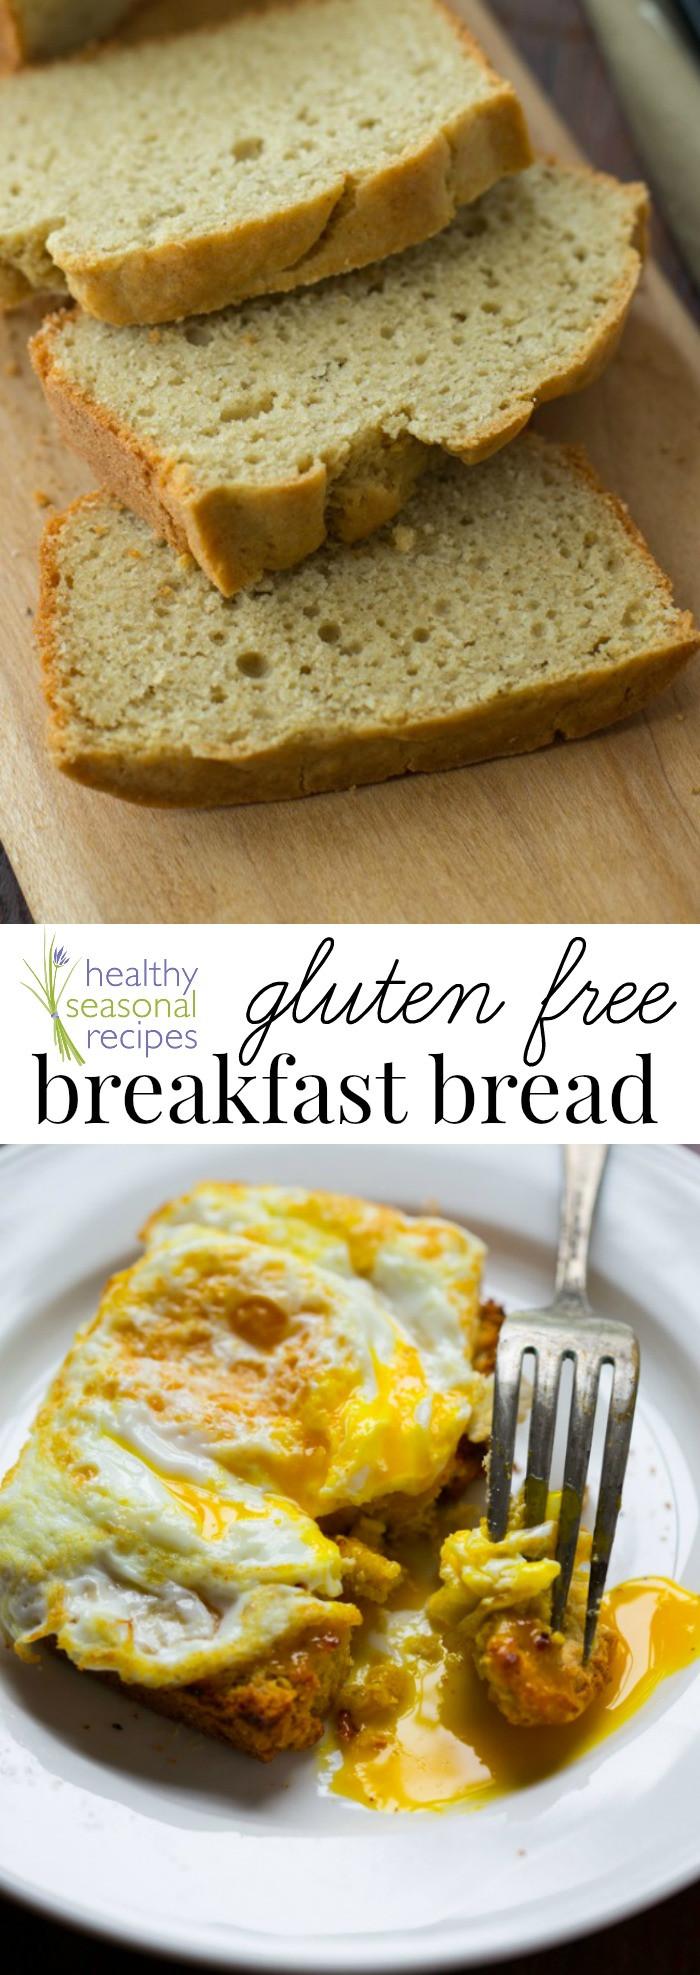 Dairy Free Brunch Recipes  gluten free breakfast bread Healthy Seasonal Recipes